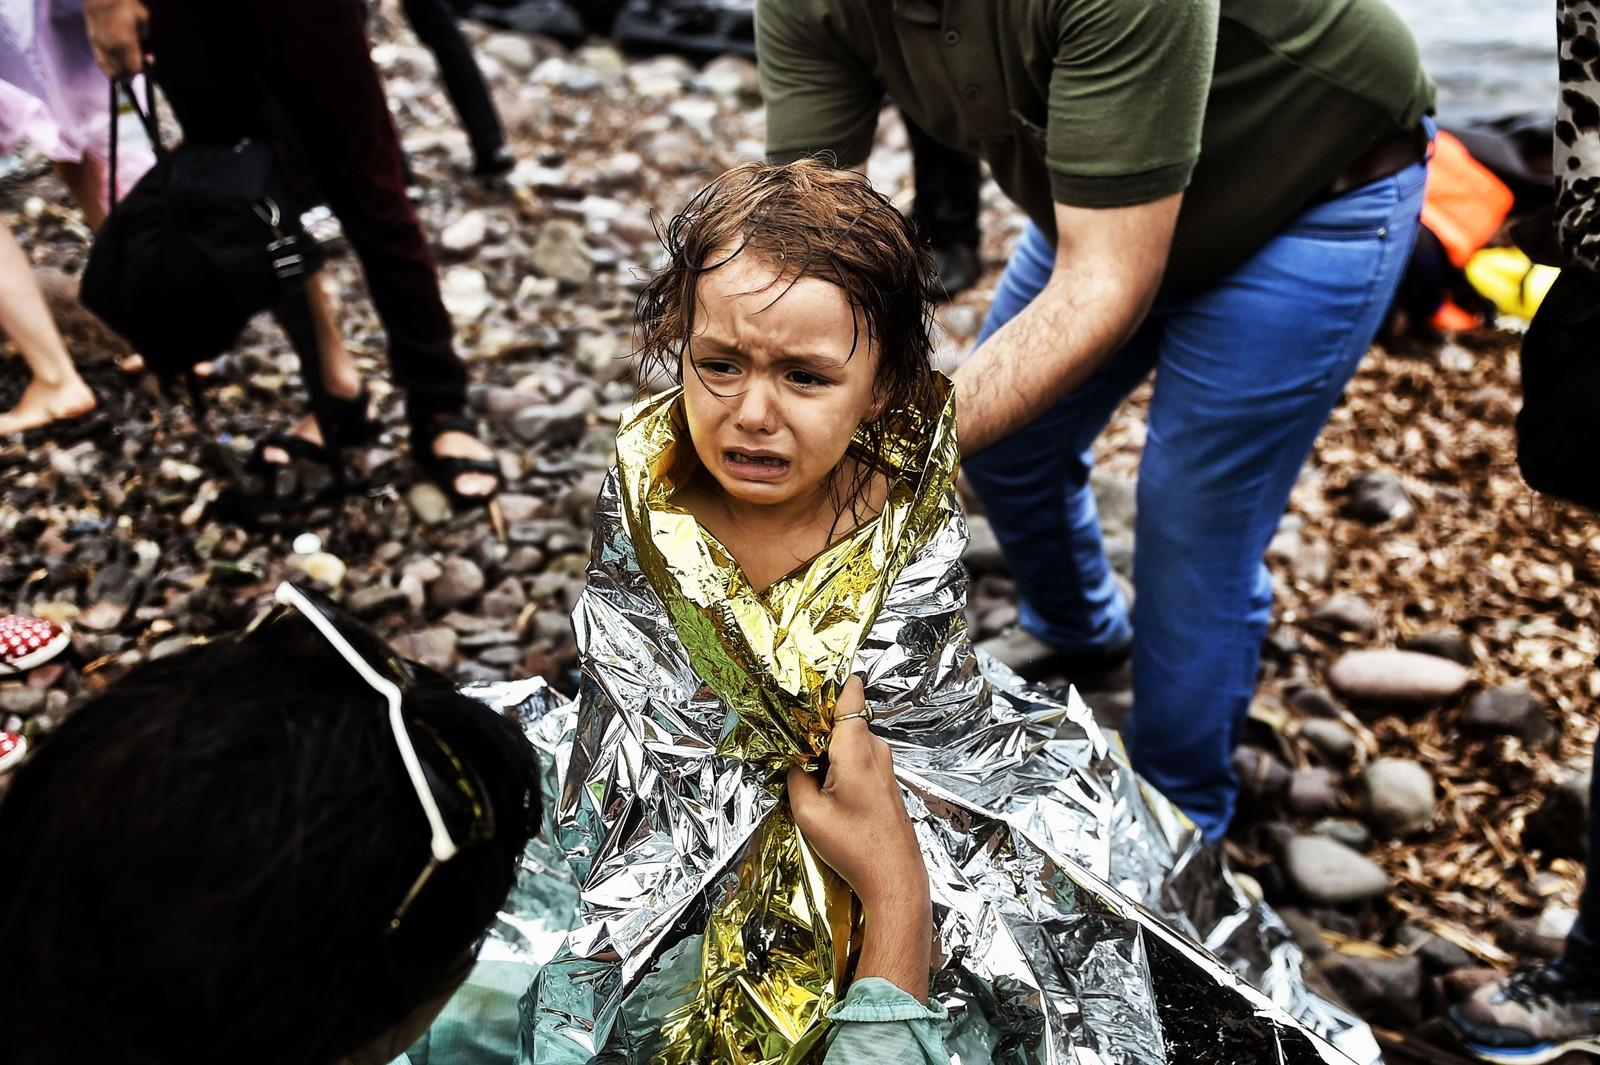 En syrisk pike gråter etter å ha fått en varmeteppe rundt seg rett etter å ha kommet i land på Lesvos 28. september 2015.